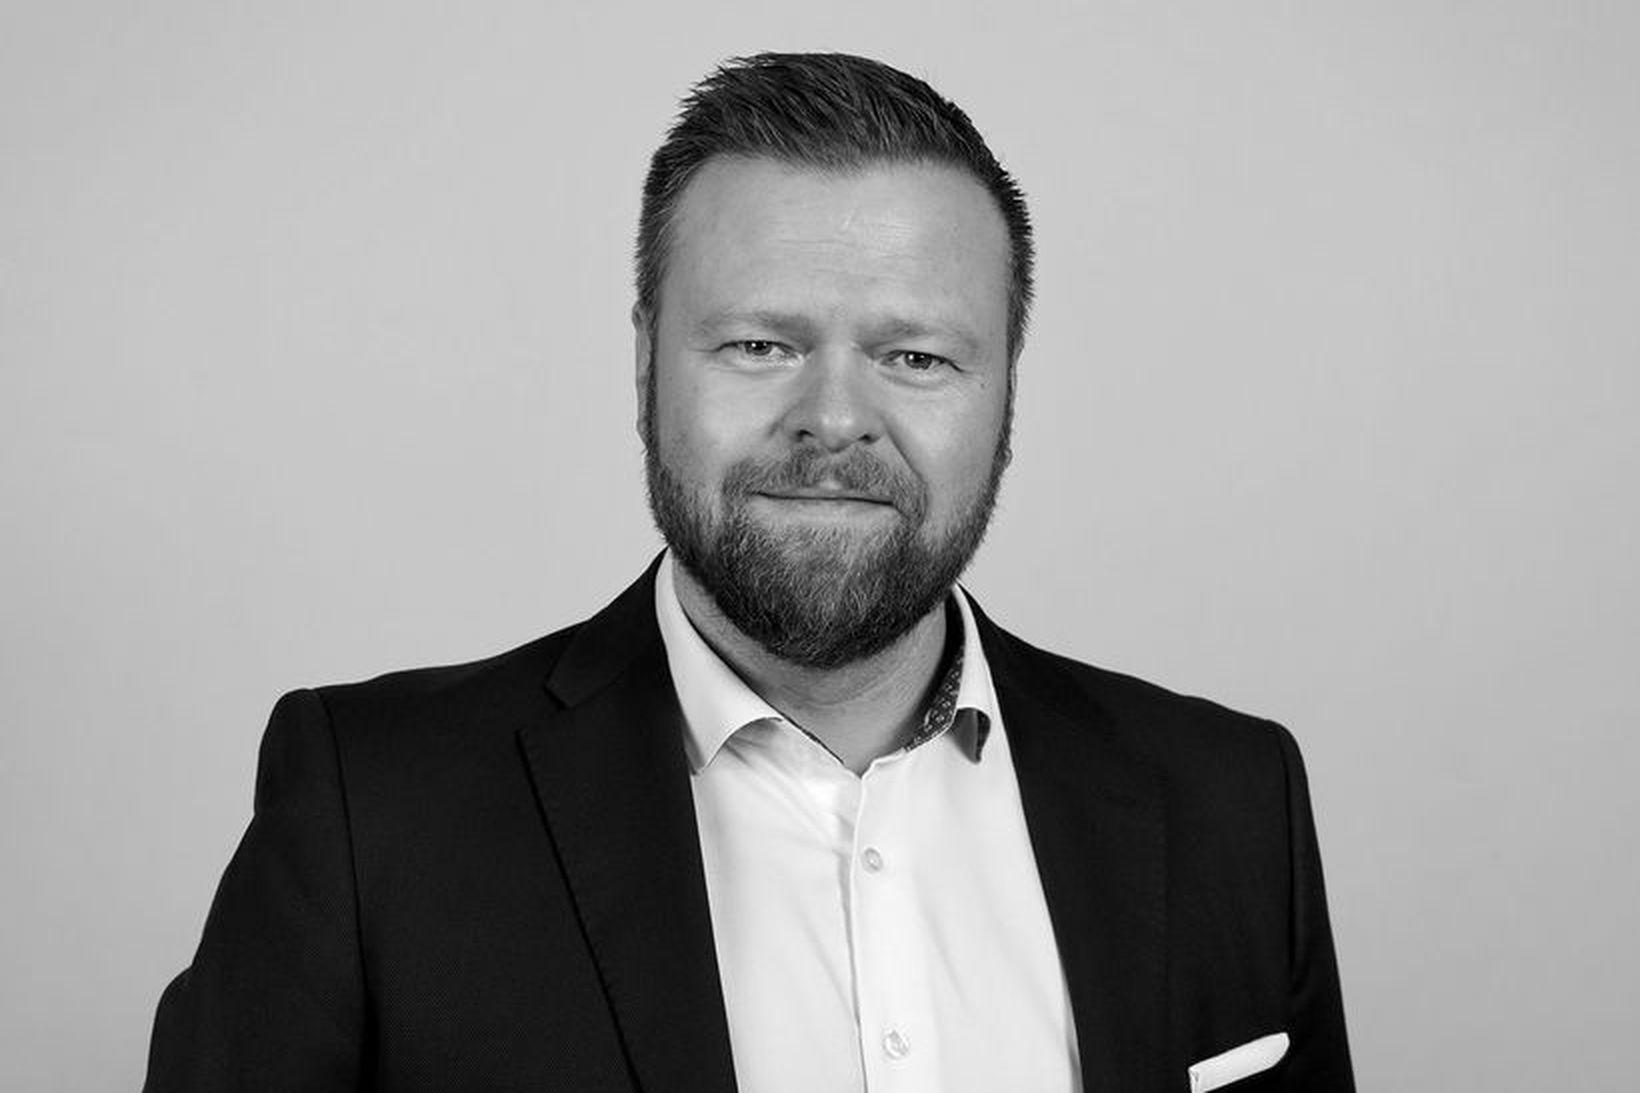 Georg Haraldsson nýr forstöðumaður Stafrænnar þjónustu.